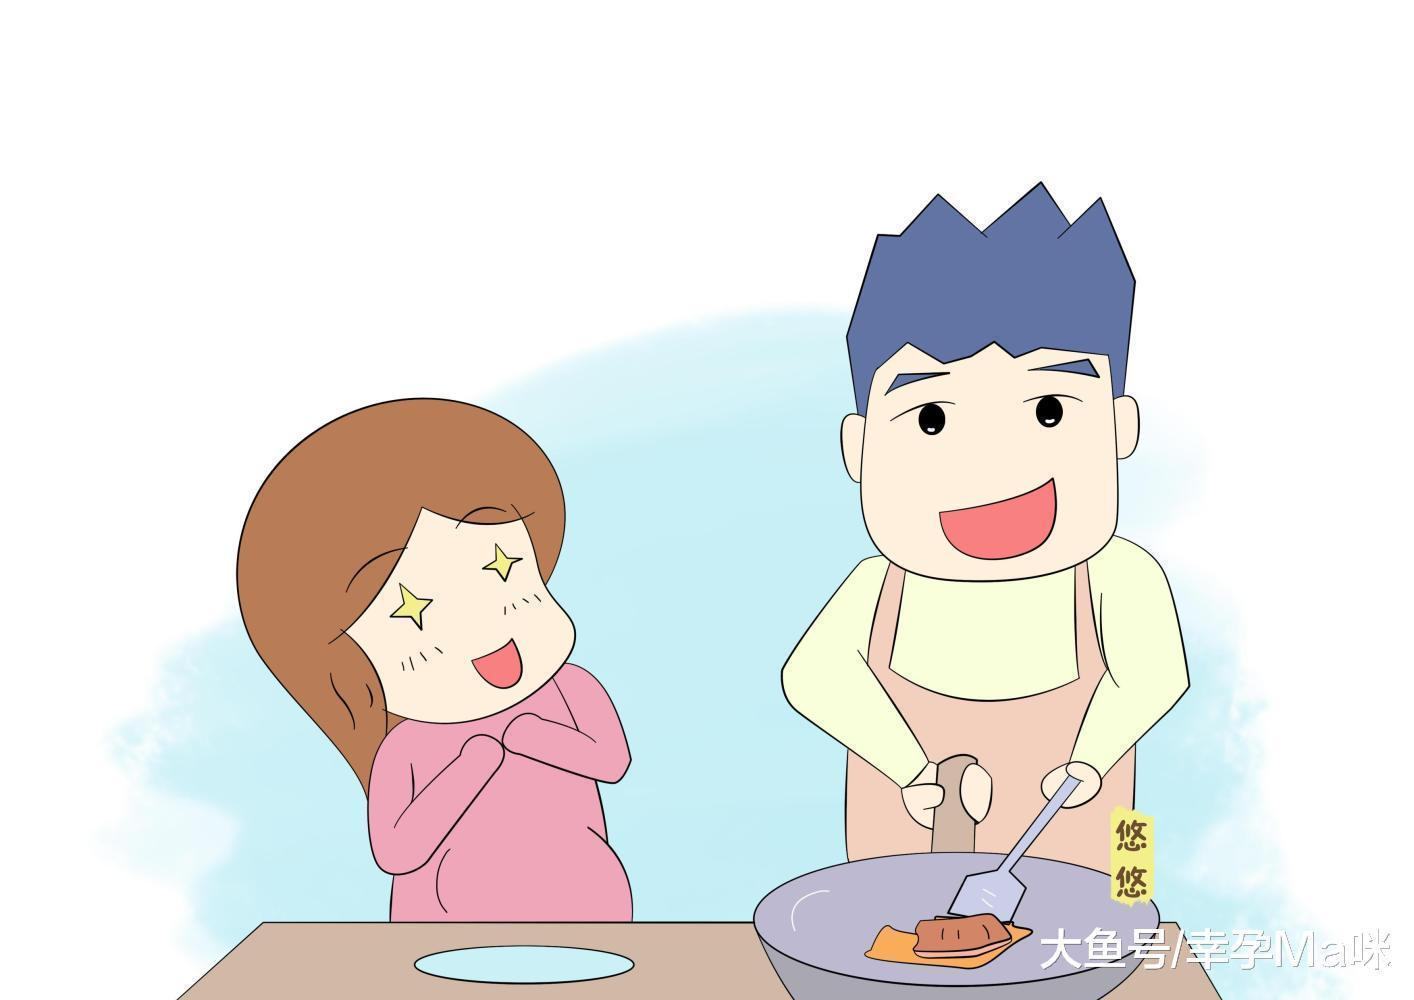 孕期易胃部不适, 这些养胃食物和方法, 孕妈们都知道吗?